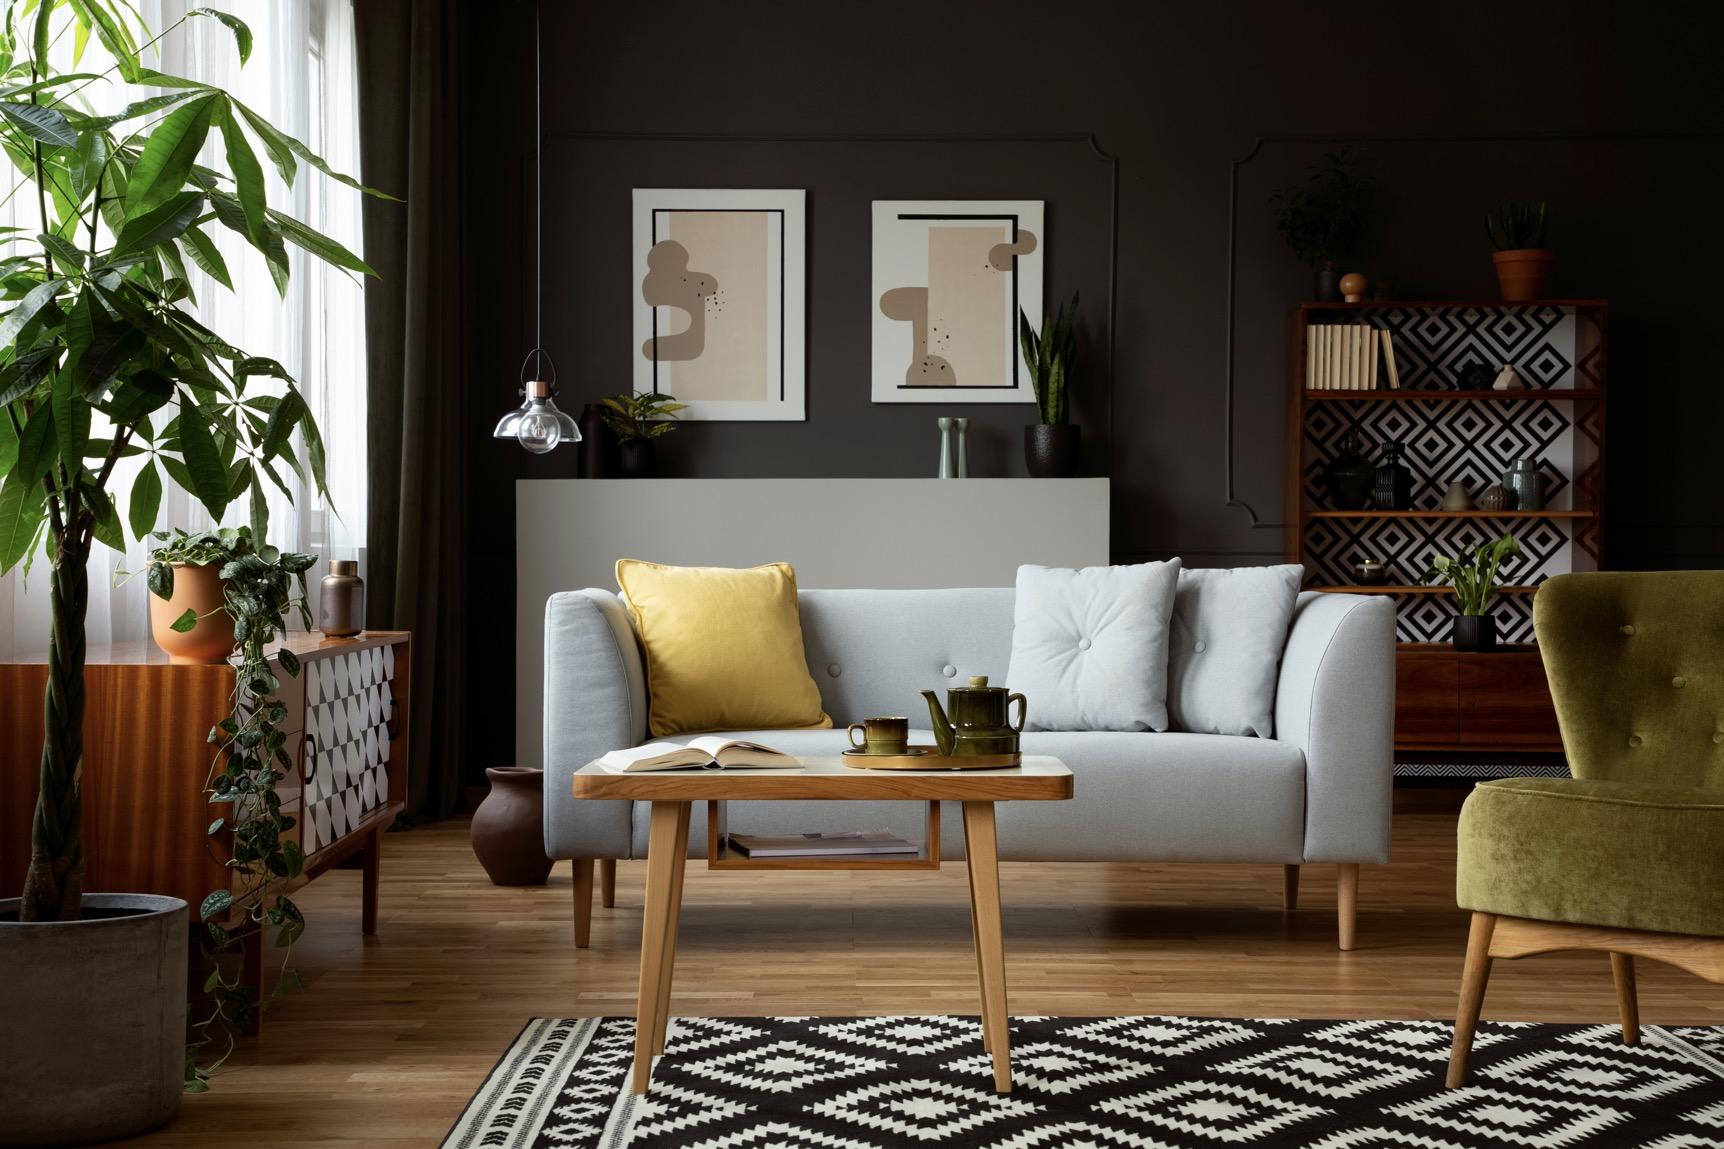 930 Desain Rumah Minimalis Interior HD Terbaik